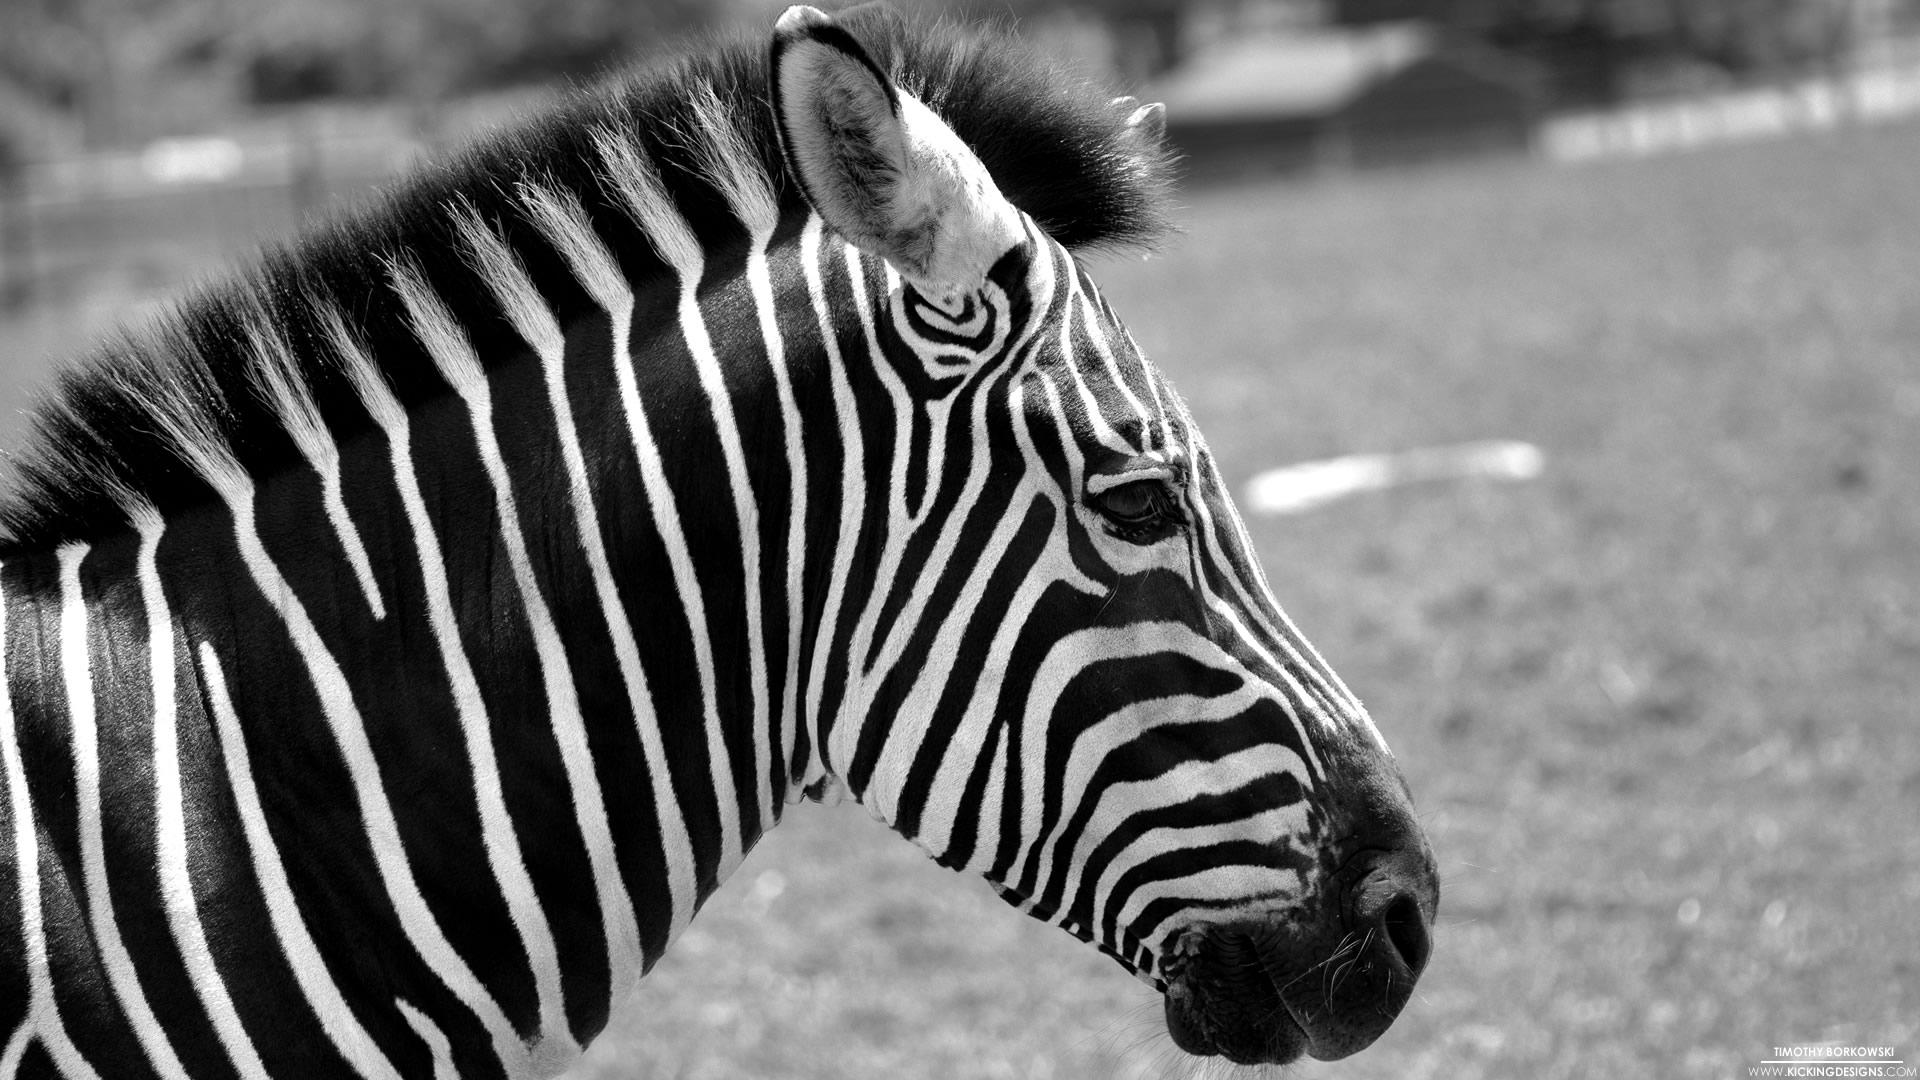 картинки тегом прикольные фотообои зебры для мобилки квартире небольшая, темная